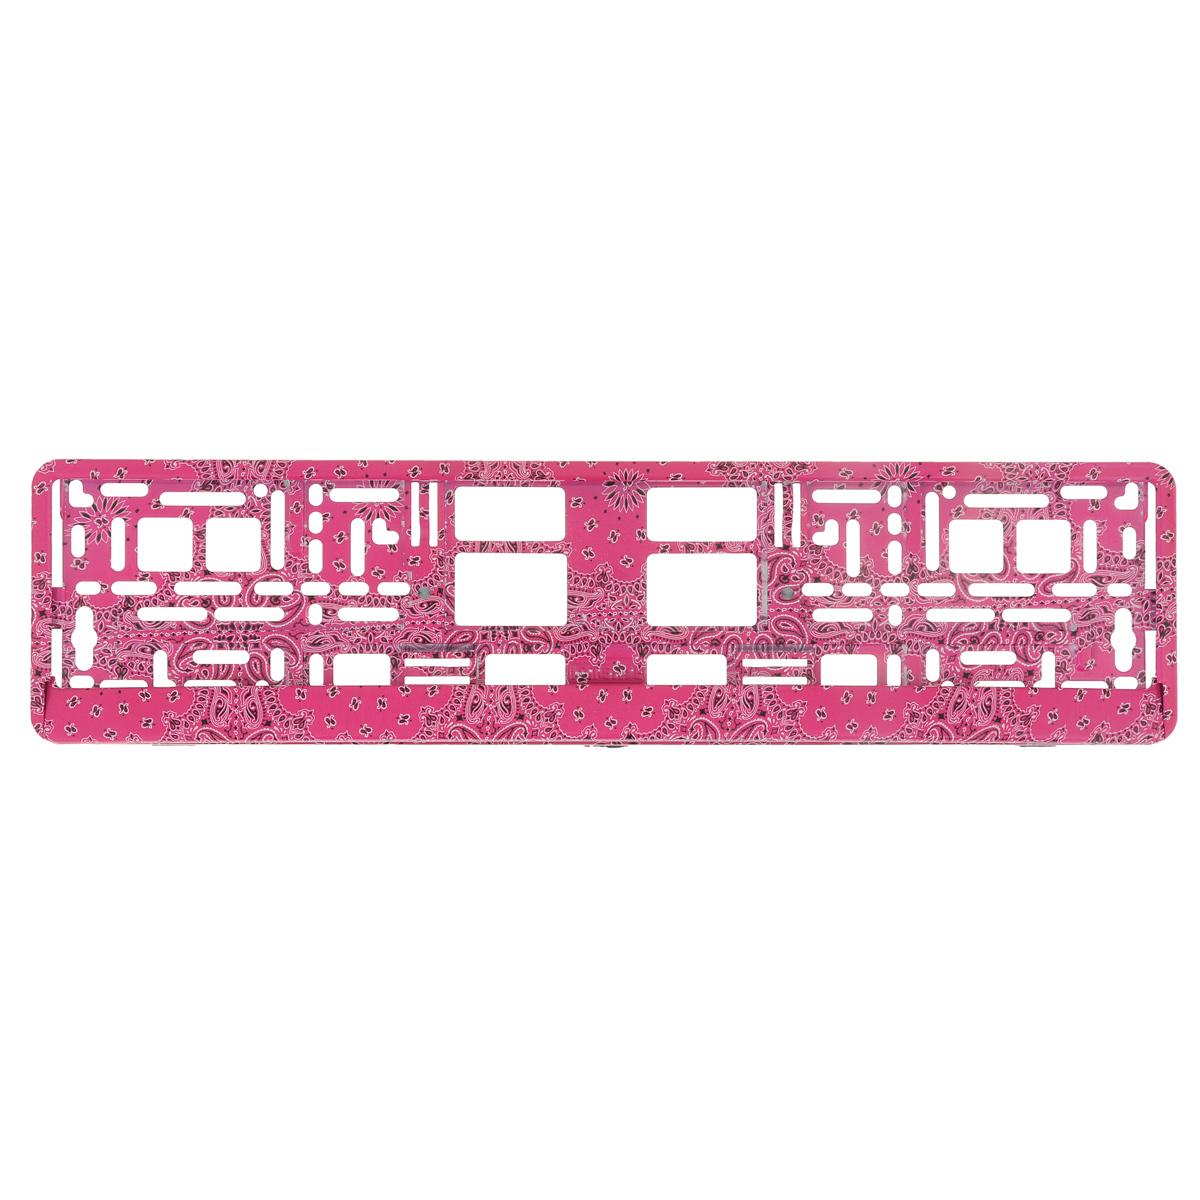 Рамка под номер ОгурецЗ0000014149Рамка Огурец не только закрепит регистрационный знак на вашем автомобиле, но и красиво его оформит. Основание рамки выполнено из полипропилена, материал лицевой панели - пластик. Она предназначена для крепления регистрационного знака российского и европейского образца, декорирована принтом. Устанавливается на все типы автомобилей. Крепления в комплект не входят. Стильный дизайн идеально впишется в экстерьер вашего автомобиля. Размер рамки: 53,5 см х 13,5 см. Размер регистрационного знака: 52,5 см х 11,5 см.